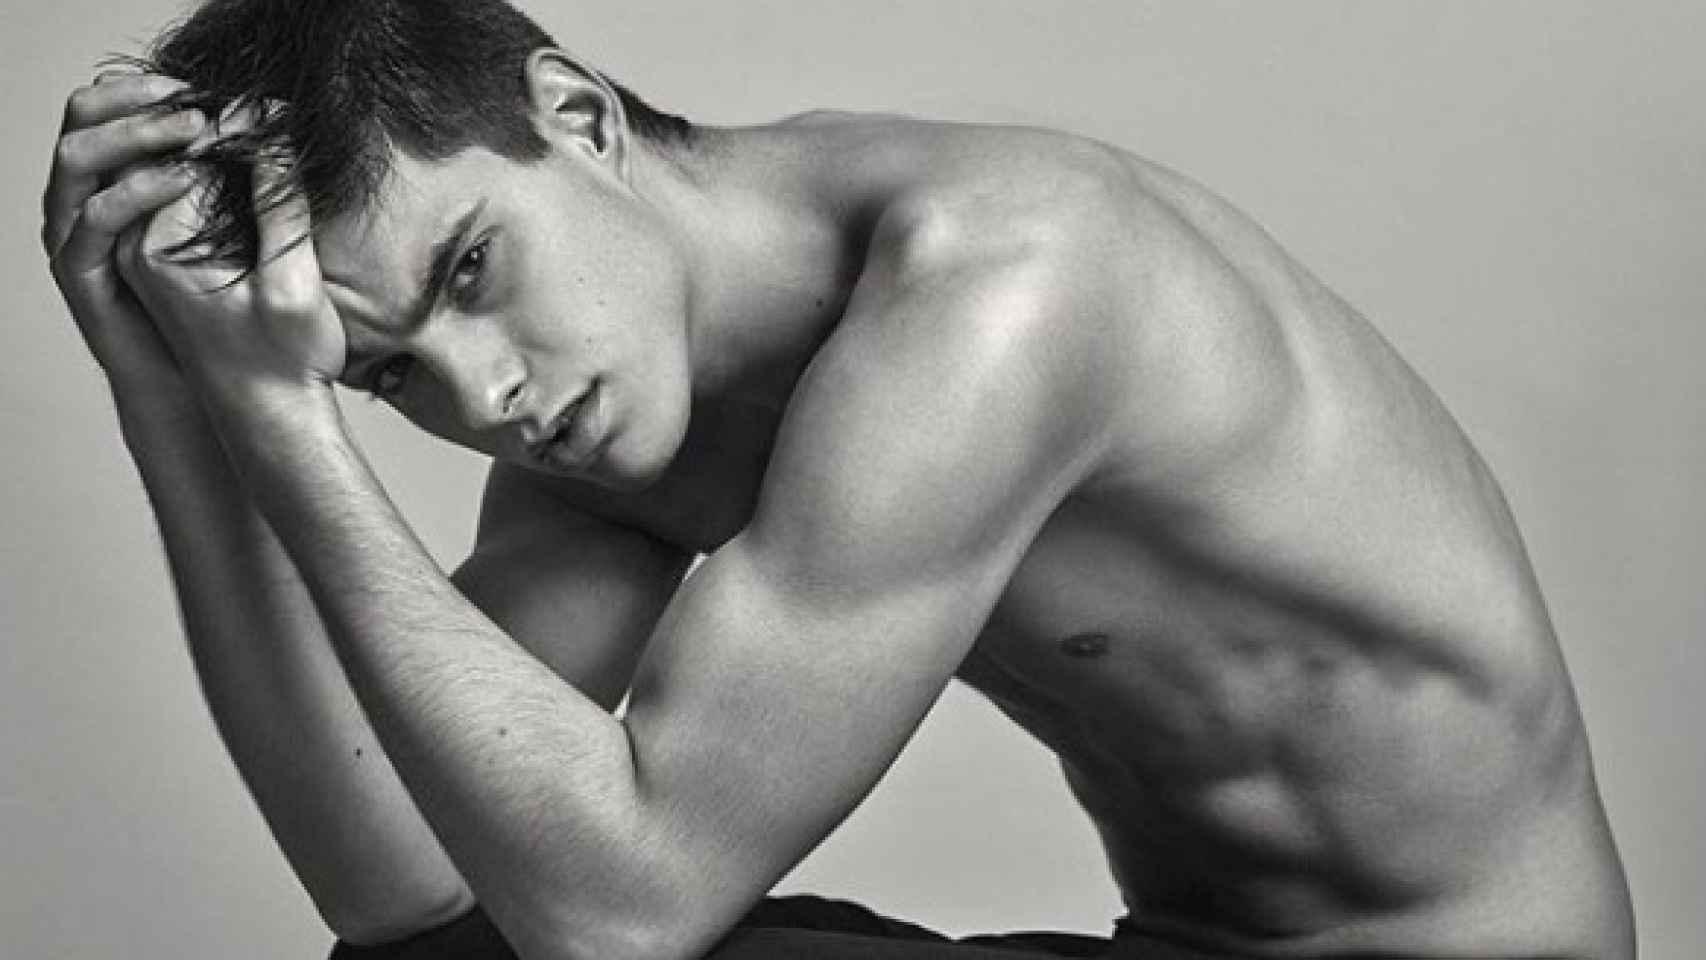 Las mejores imágenes del modelo e influencer Alejandro Lillo